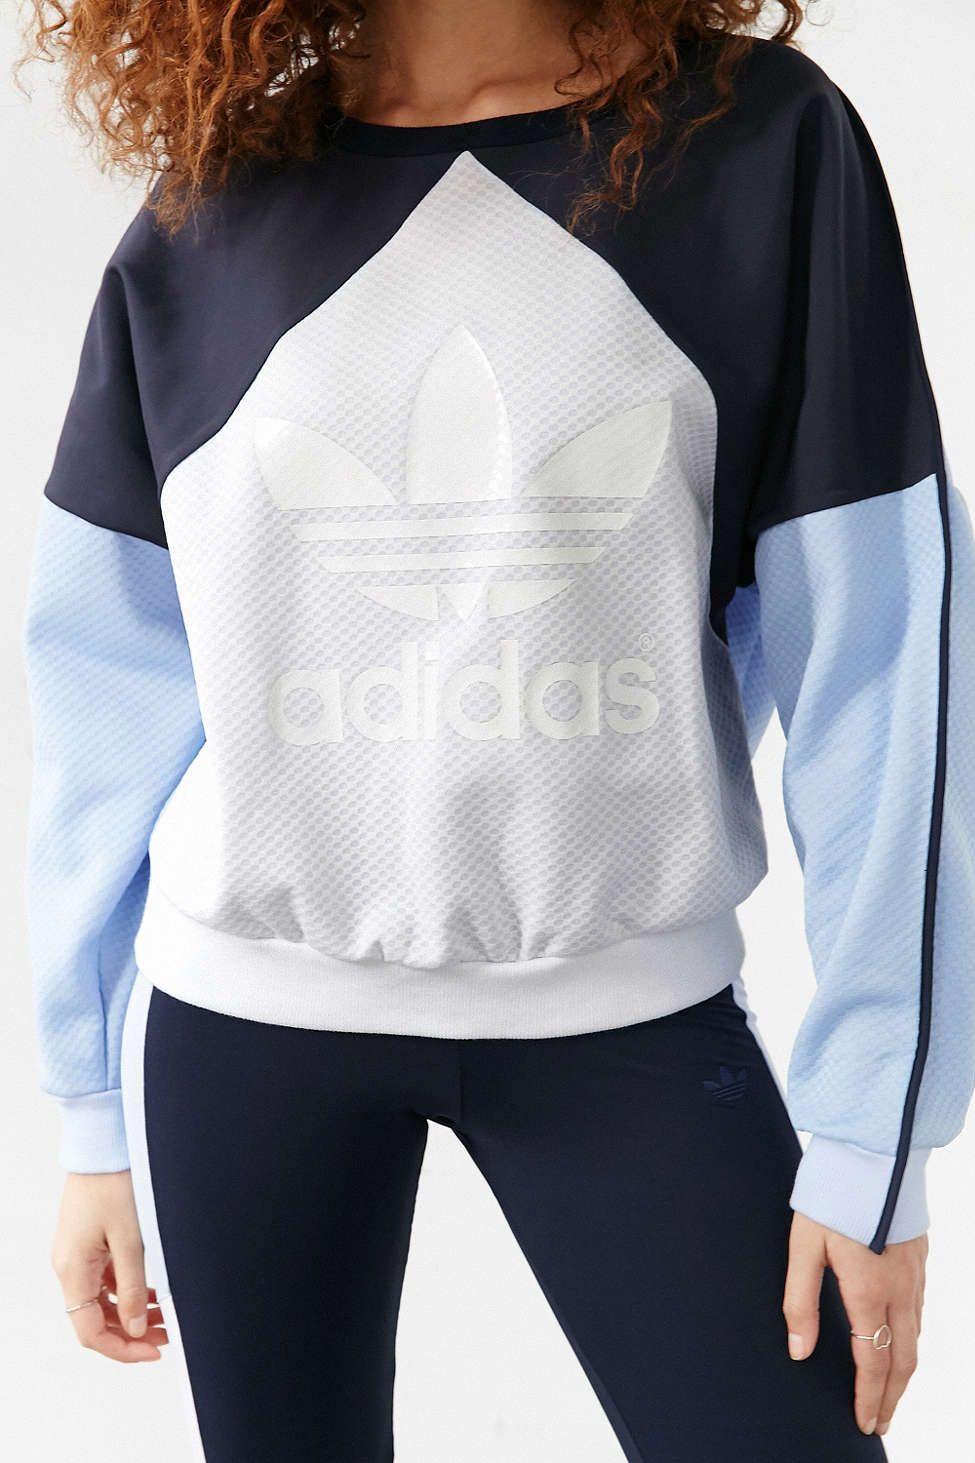 adidas Originals Helsinki Crew Neck Sweatshirt | Sweet